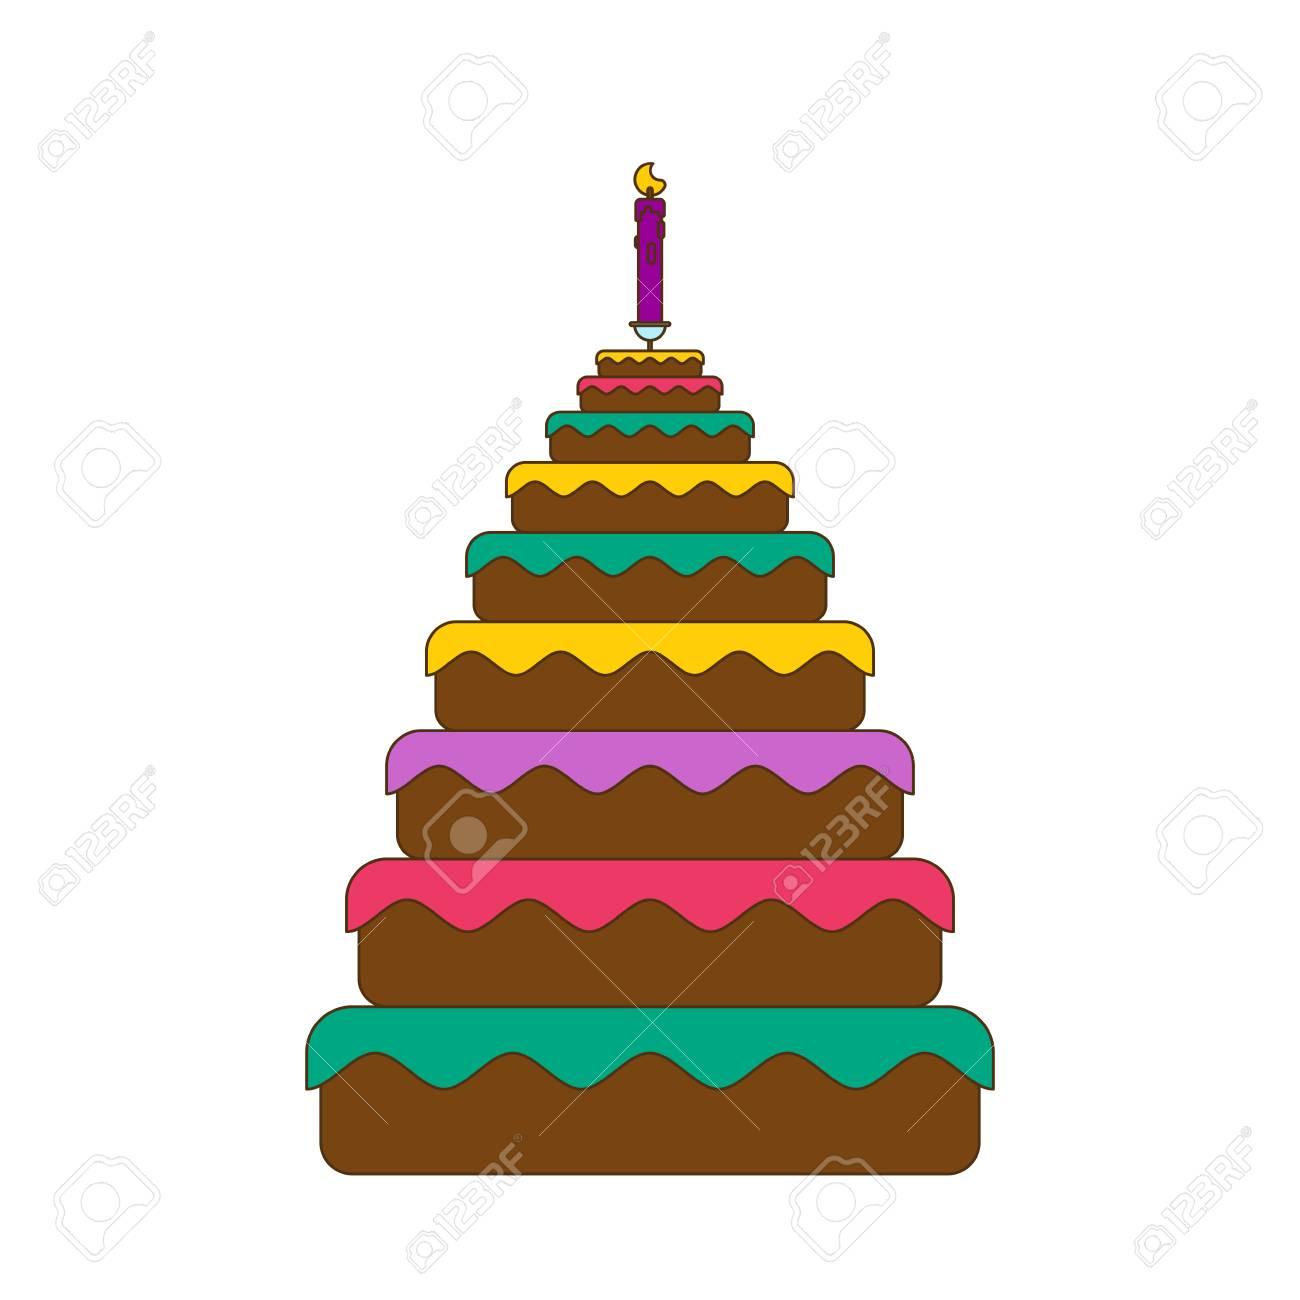 Kuchen Gross Grosser Kuchen Essen Geburtstag Festliches Fleisch